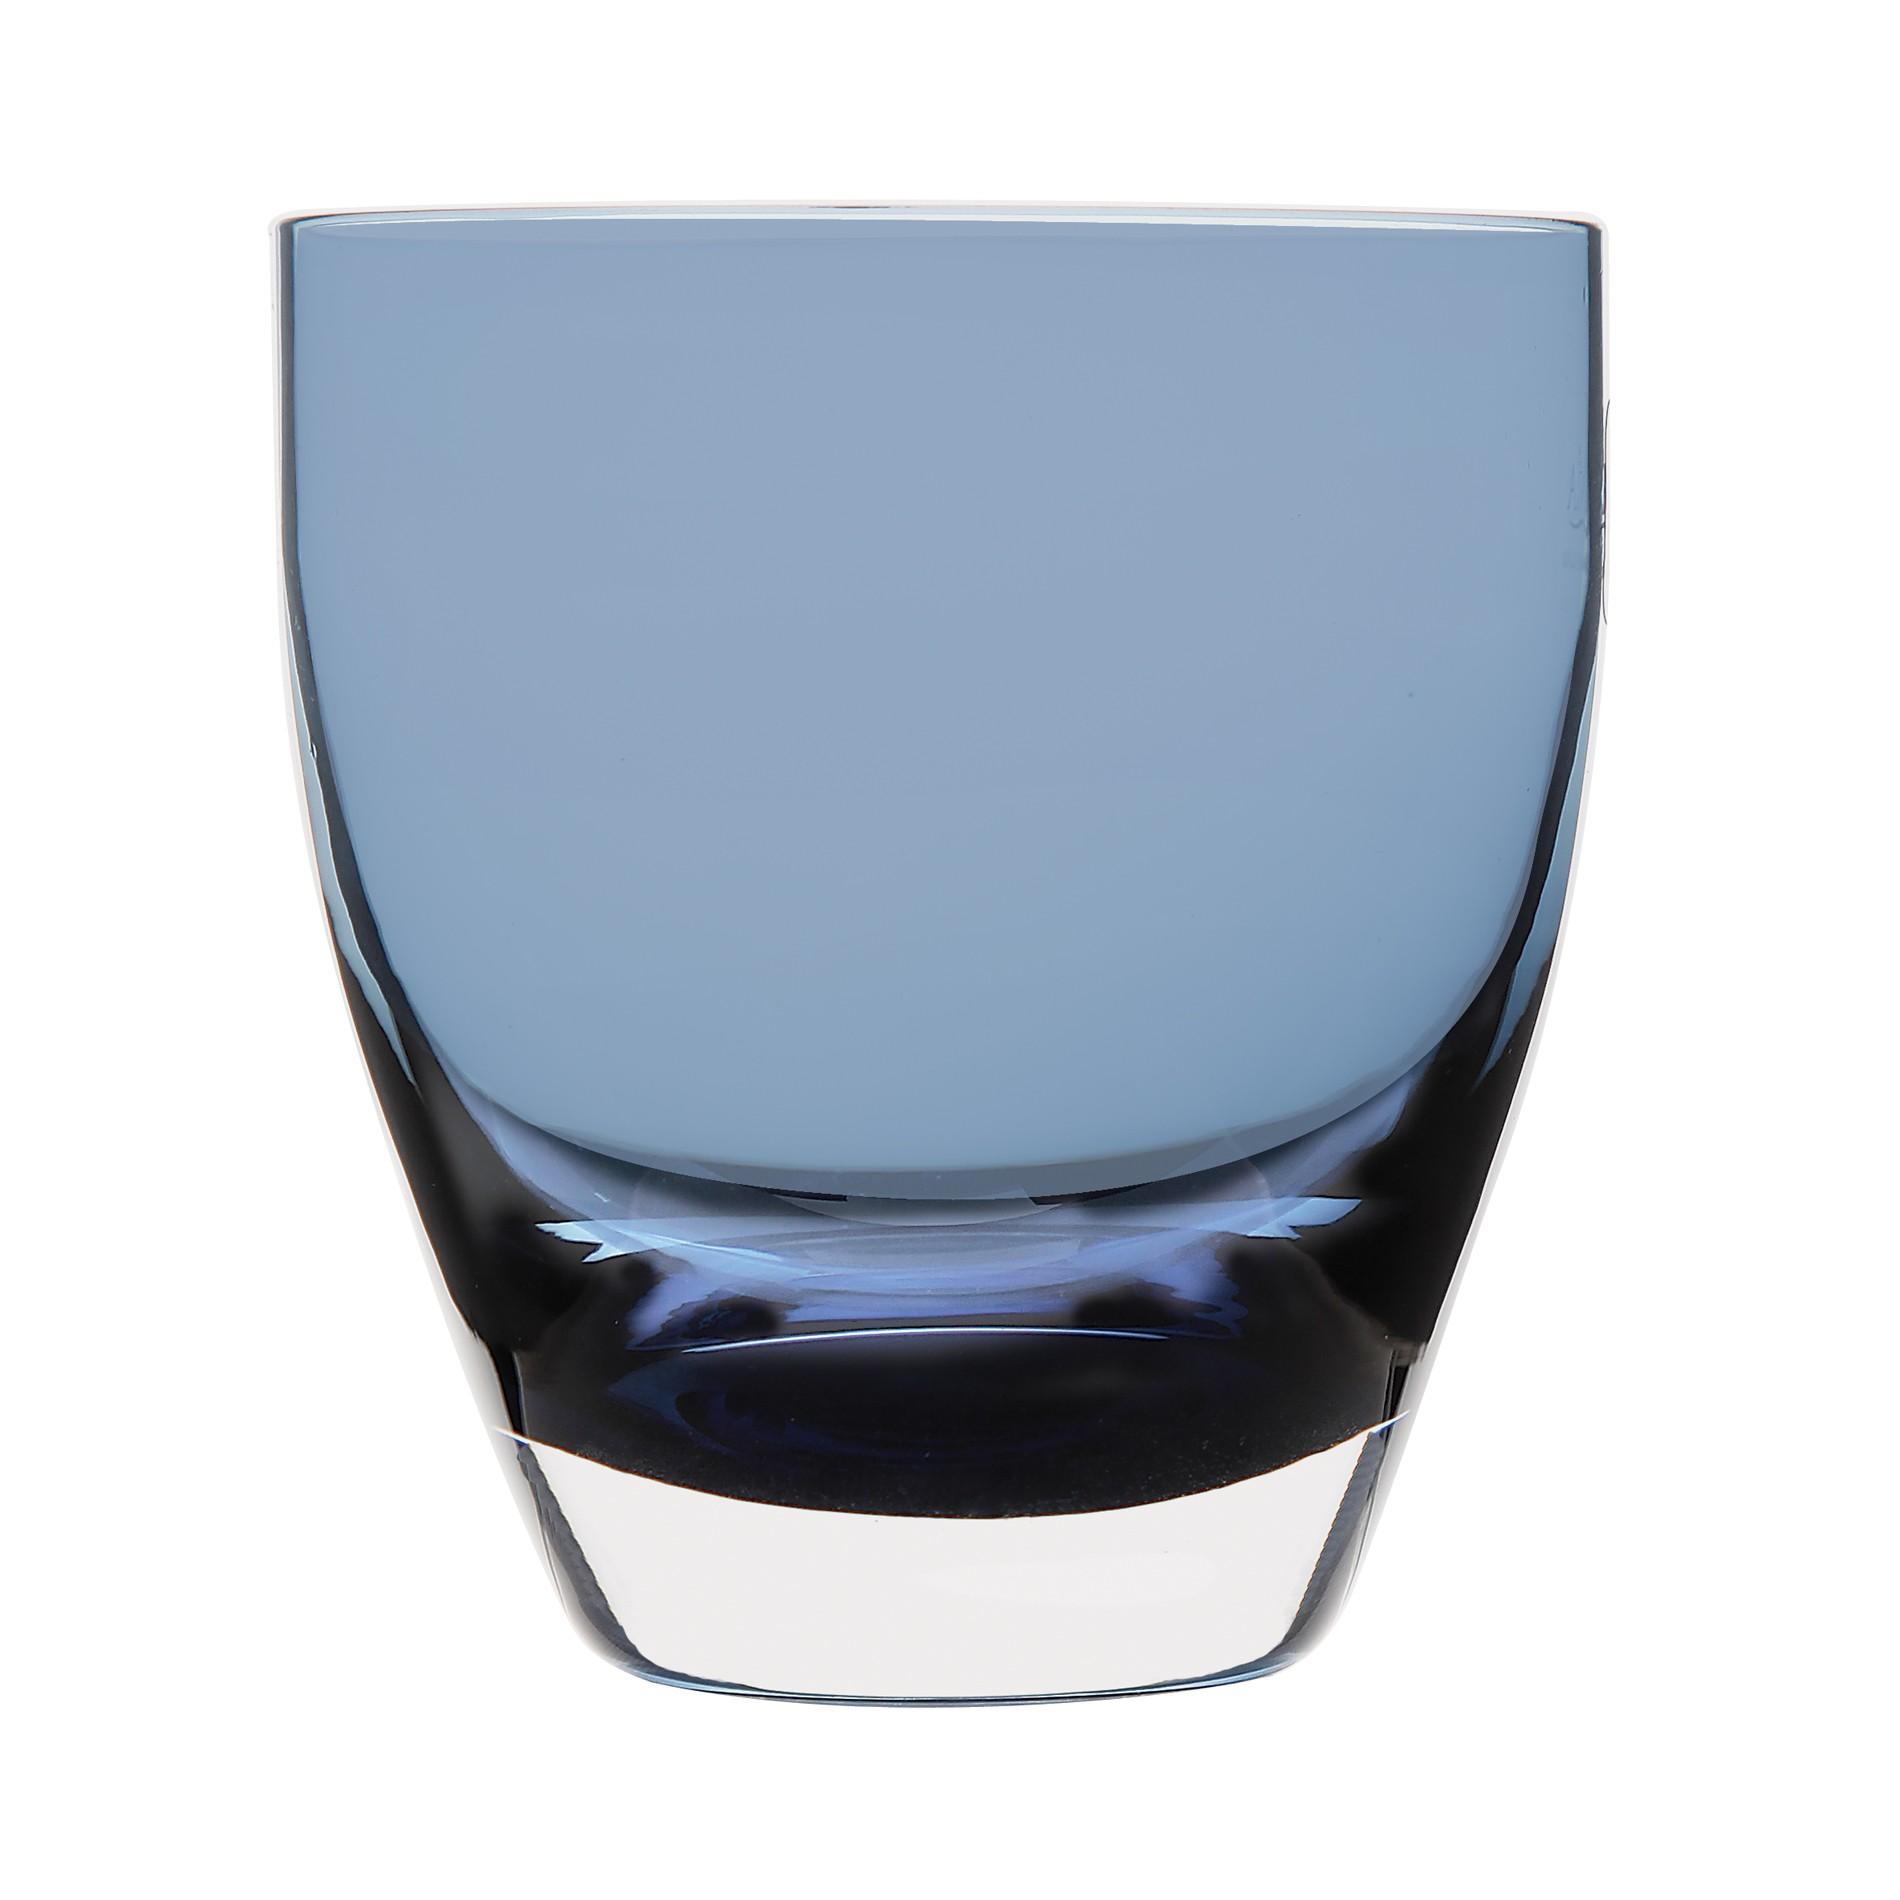 Ποτήρι Ουισκι Paradise Μπλε Σετ 6Τμχ 360ml Ionia home   ειδη σερβιρισματος   ποτήρια